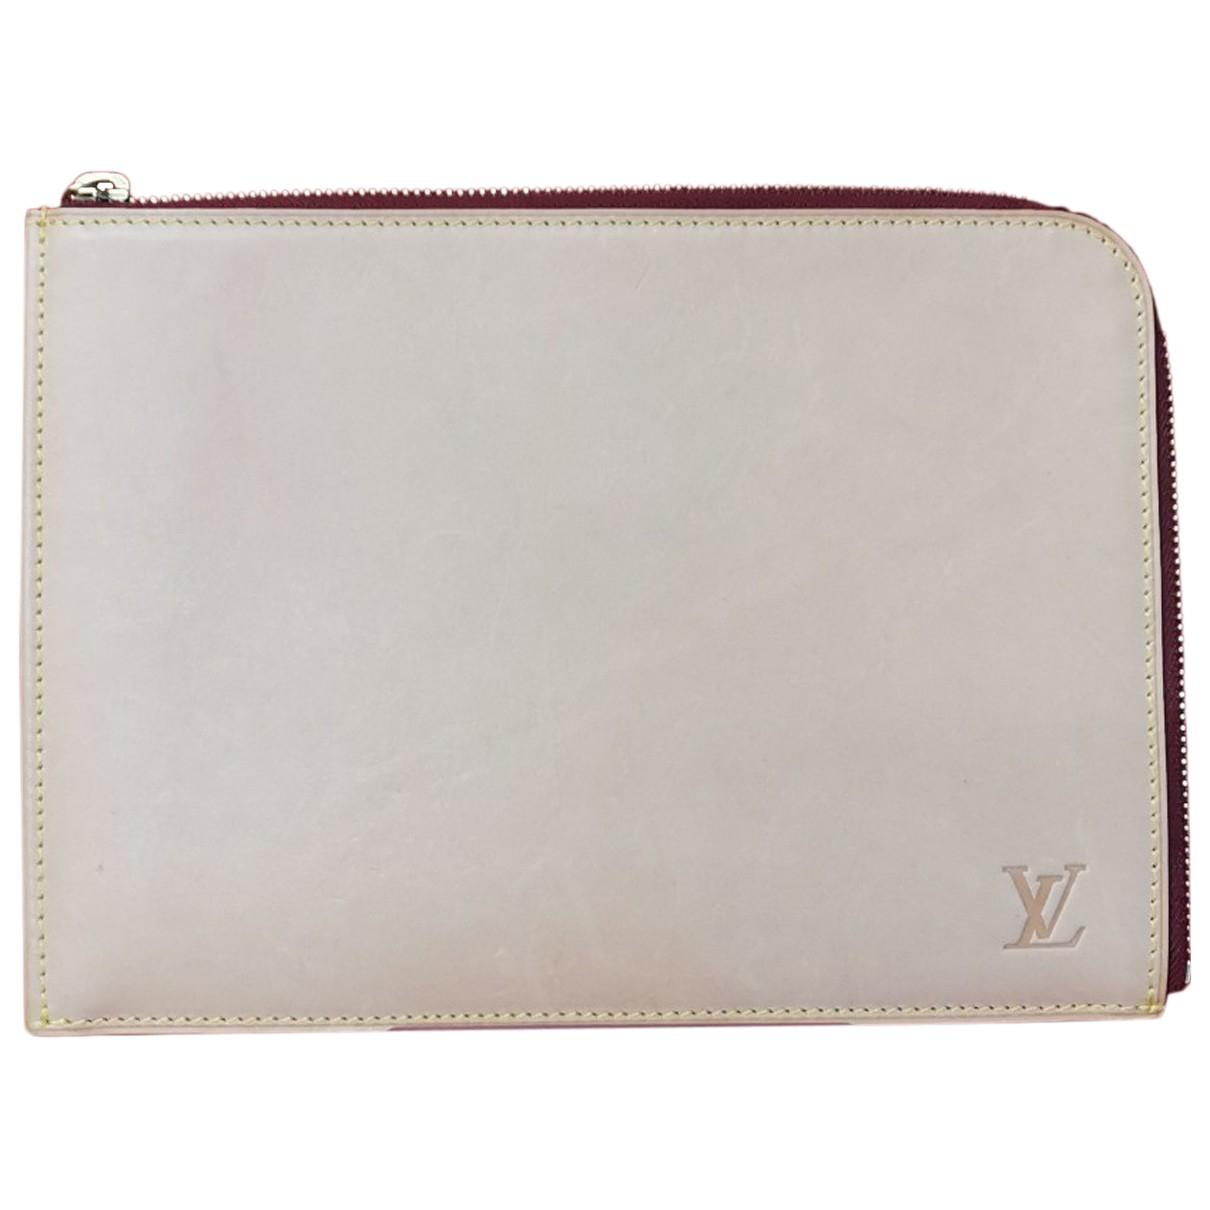 Louis Vuitton \N Clutch in  Beige Leder